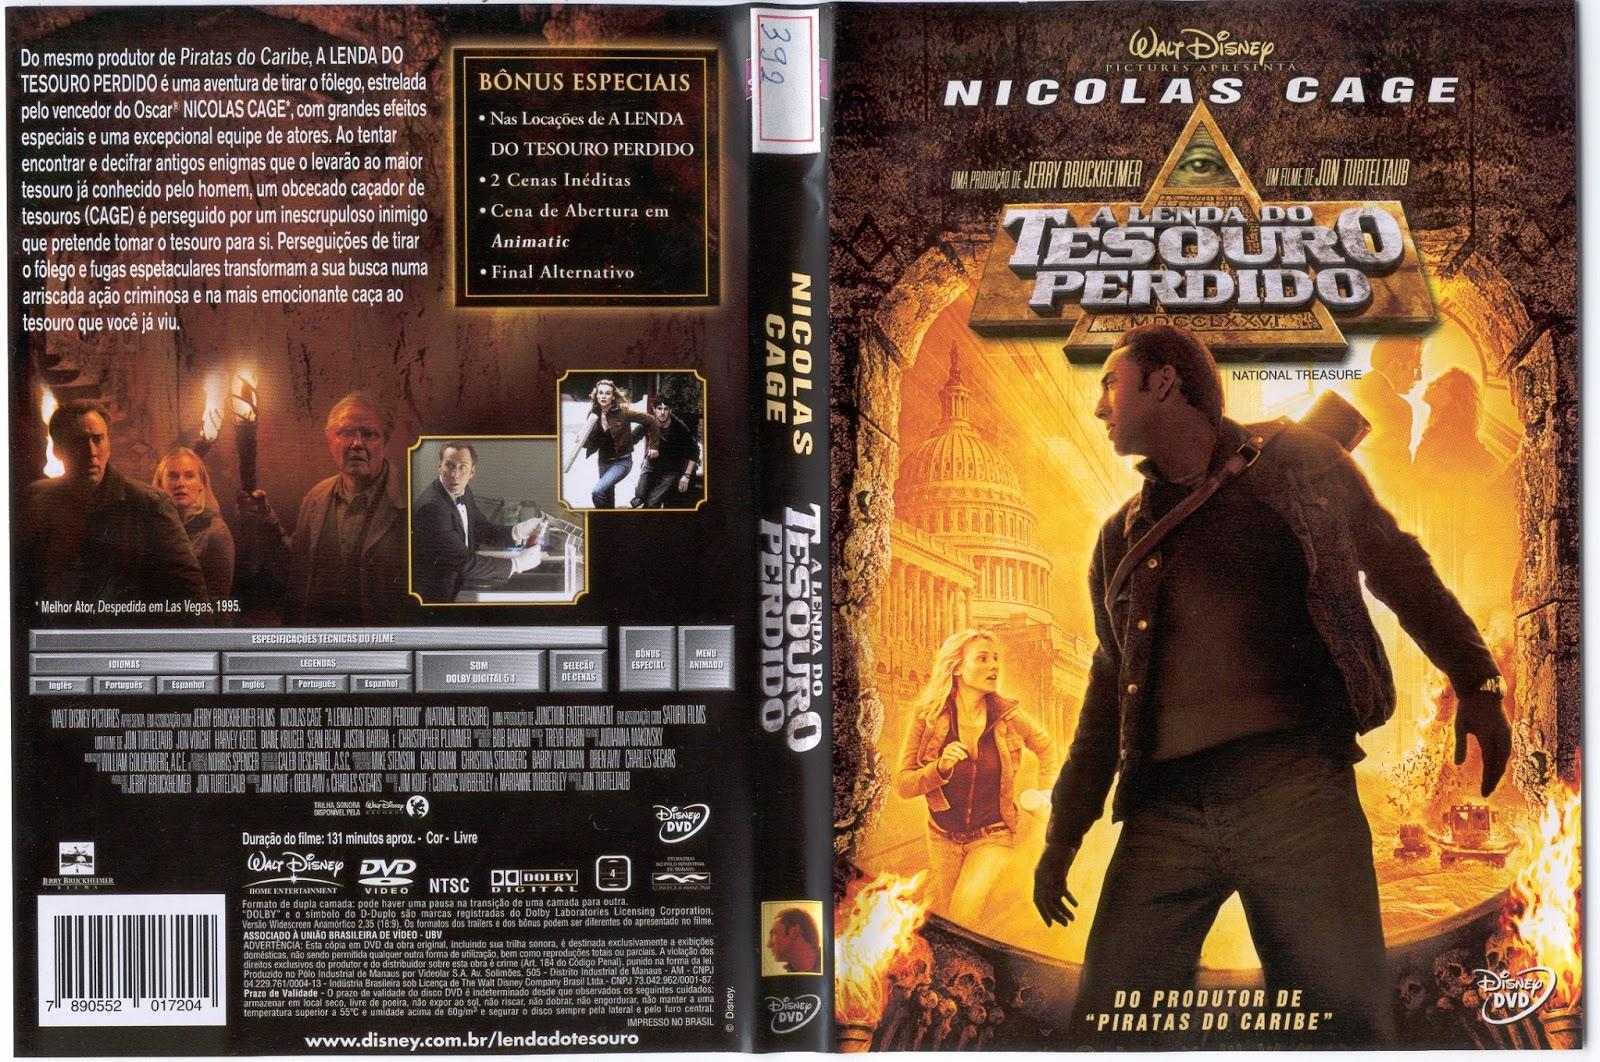 A Lenda Do Cavaleiro Sem Cabeça Filme Completo Classy milhares de capas de dvd, originais, custom, labels, show